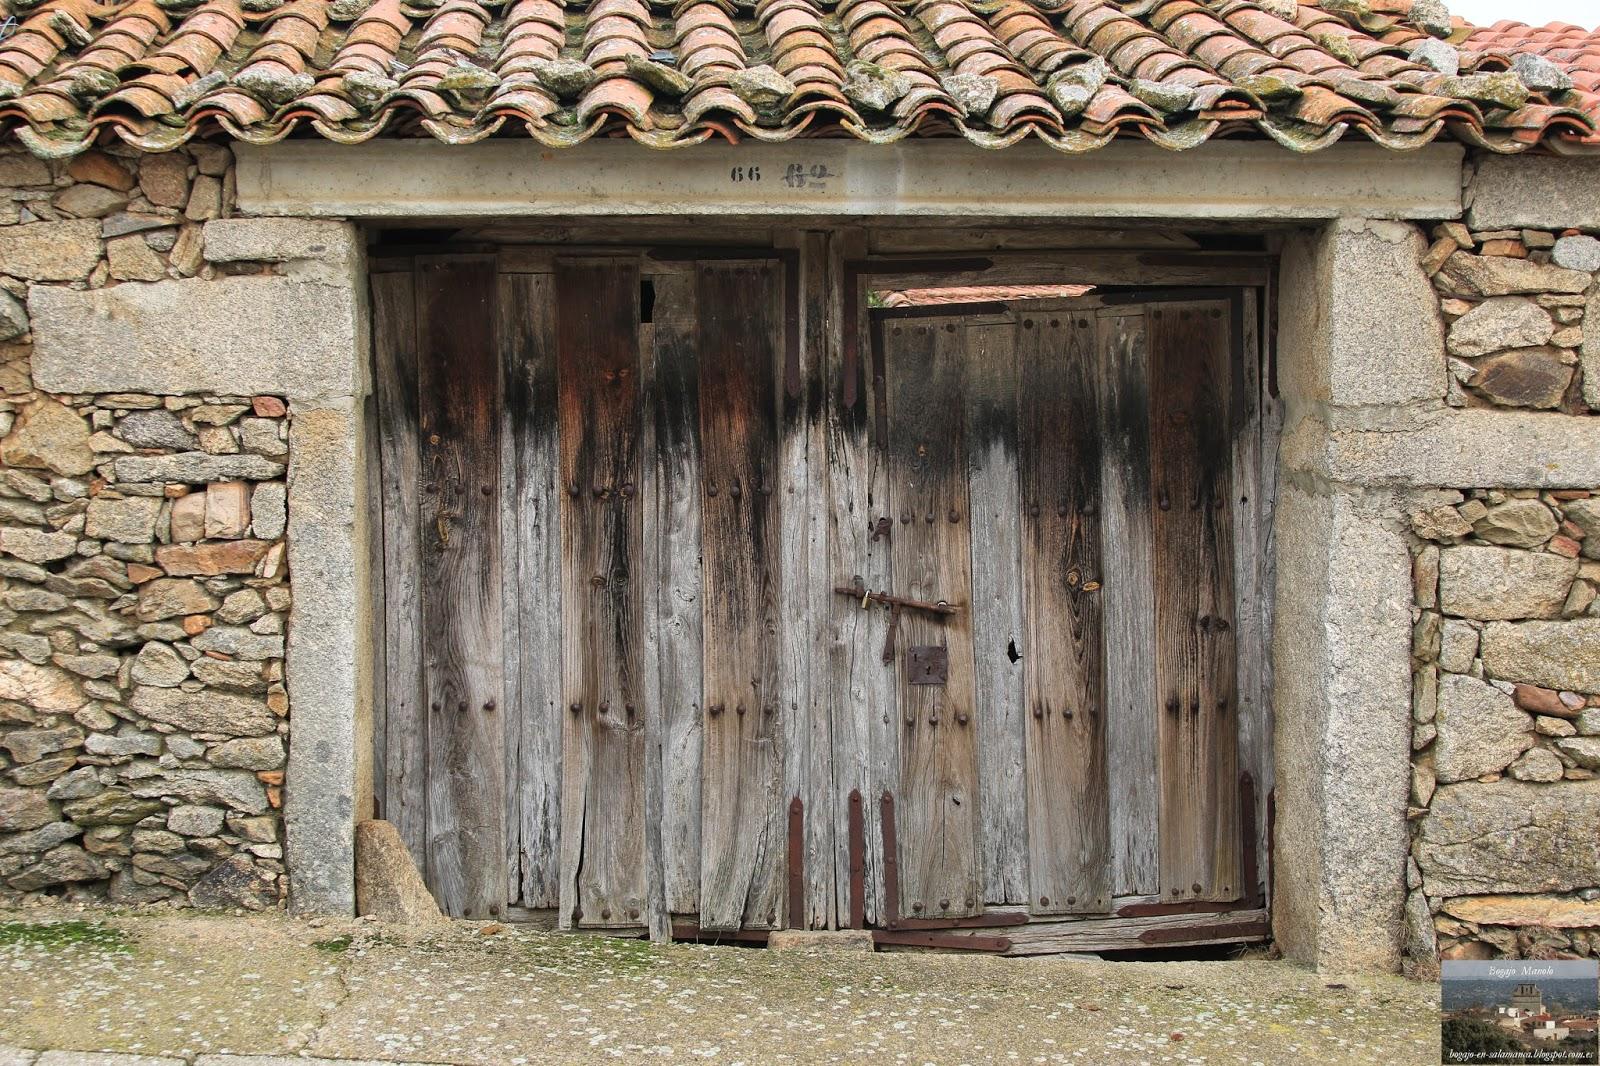 bogajo salamanca puertas antiguas de doble hoja de madera